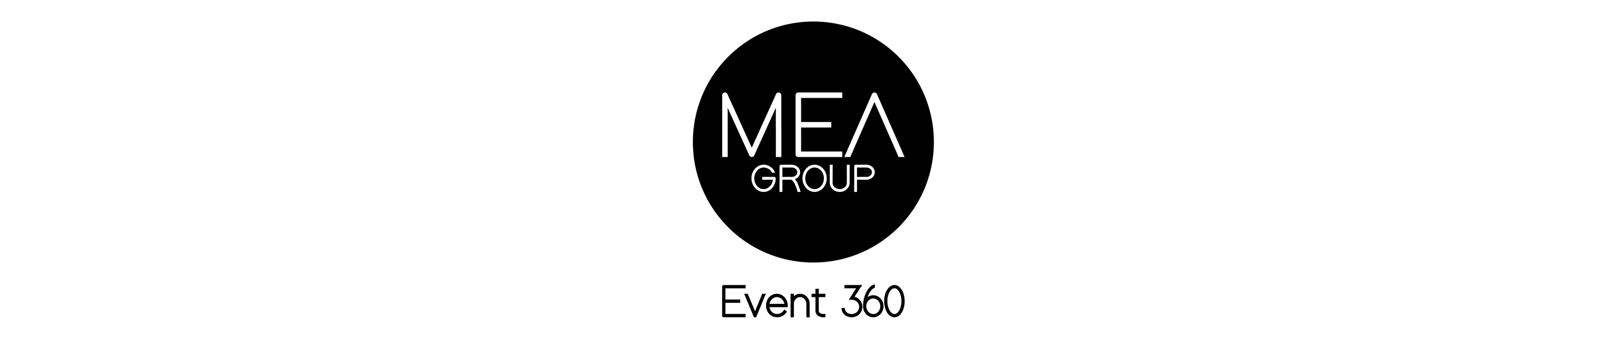 MEA Group